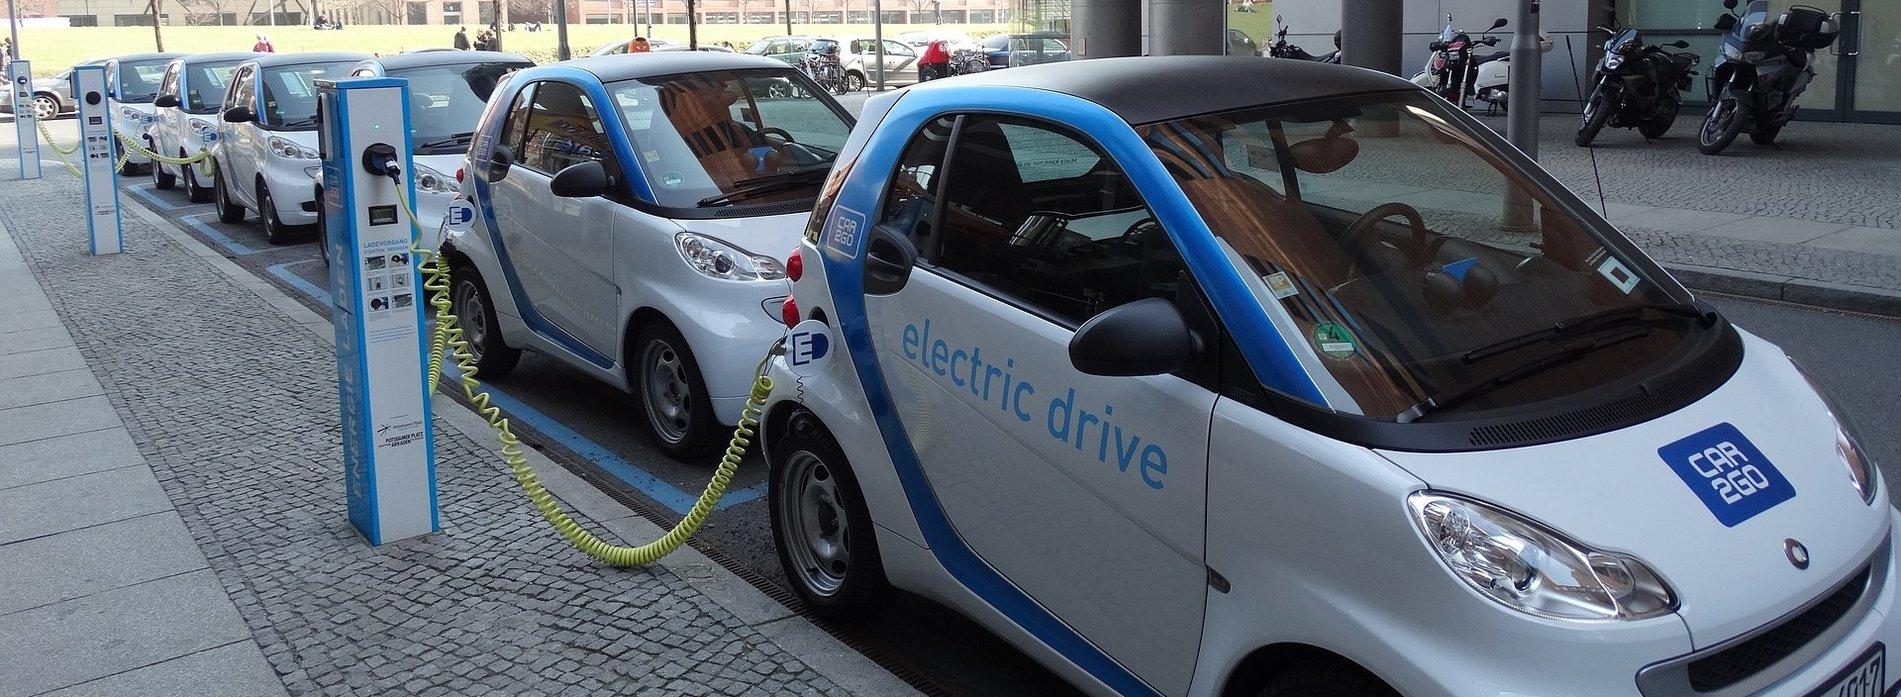 voitures électriques (photo pixabay.com)